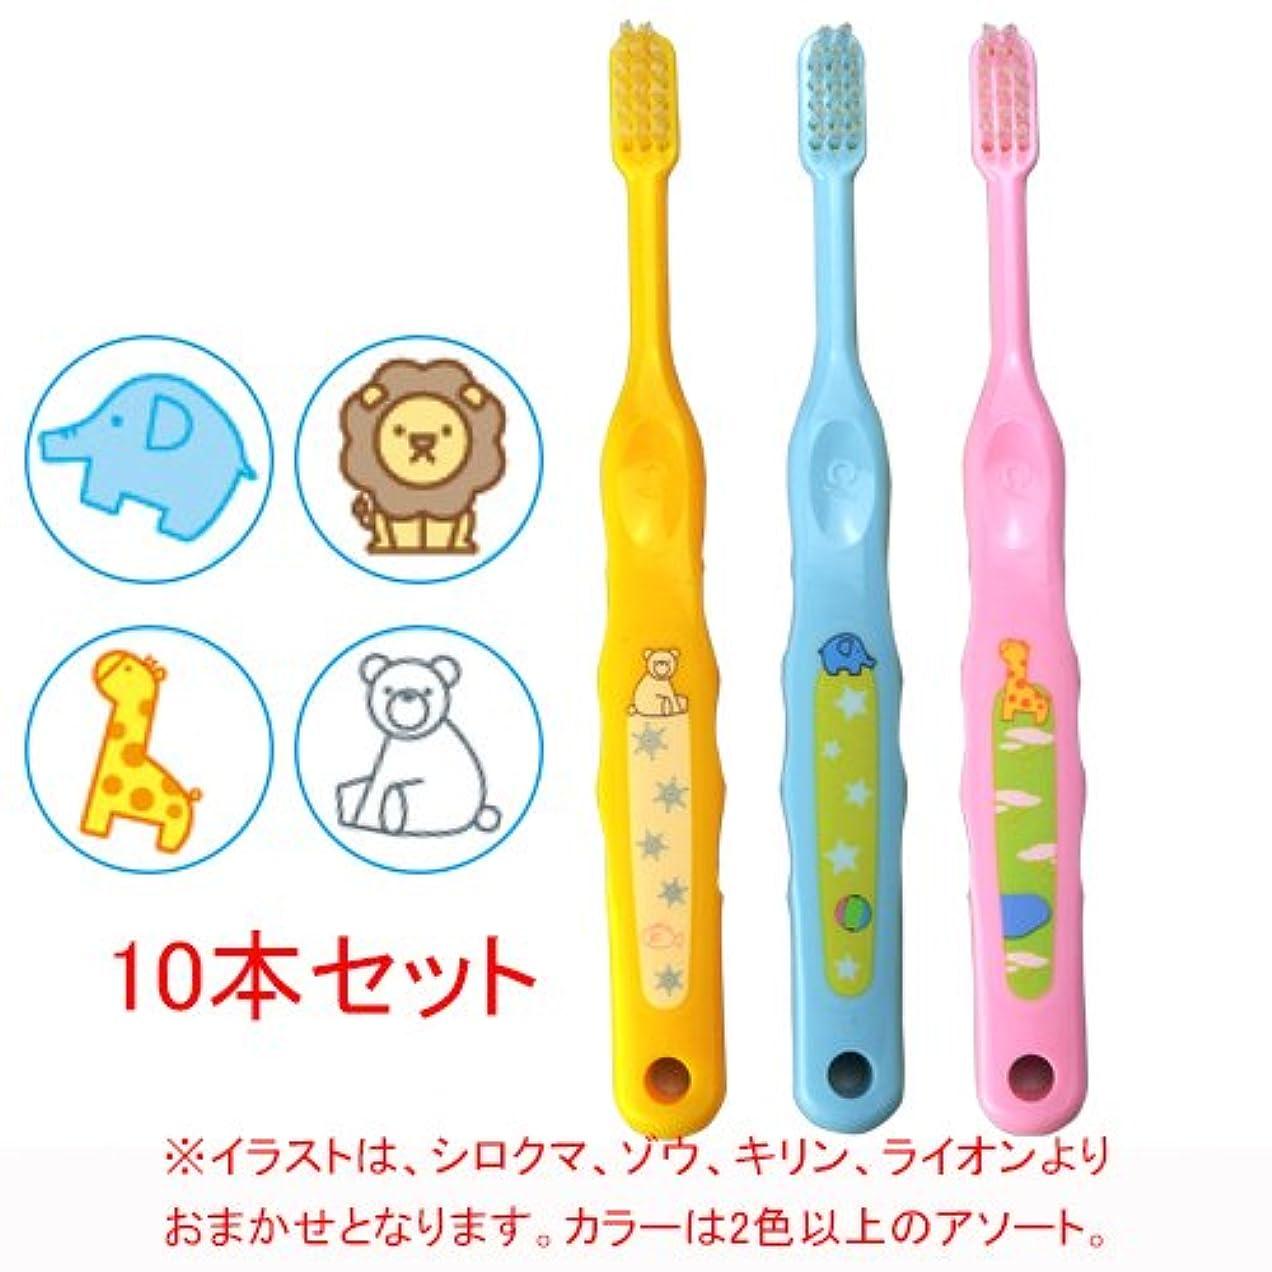 はさみ炭素船形Ciメディカル Ci なまえ歯ブラシ 503 (やわらかめ) (乳児~小学生向)10本